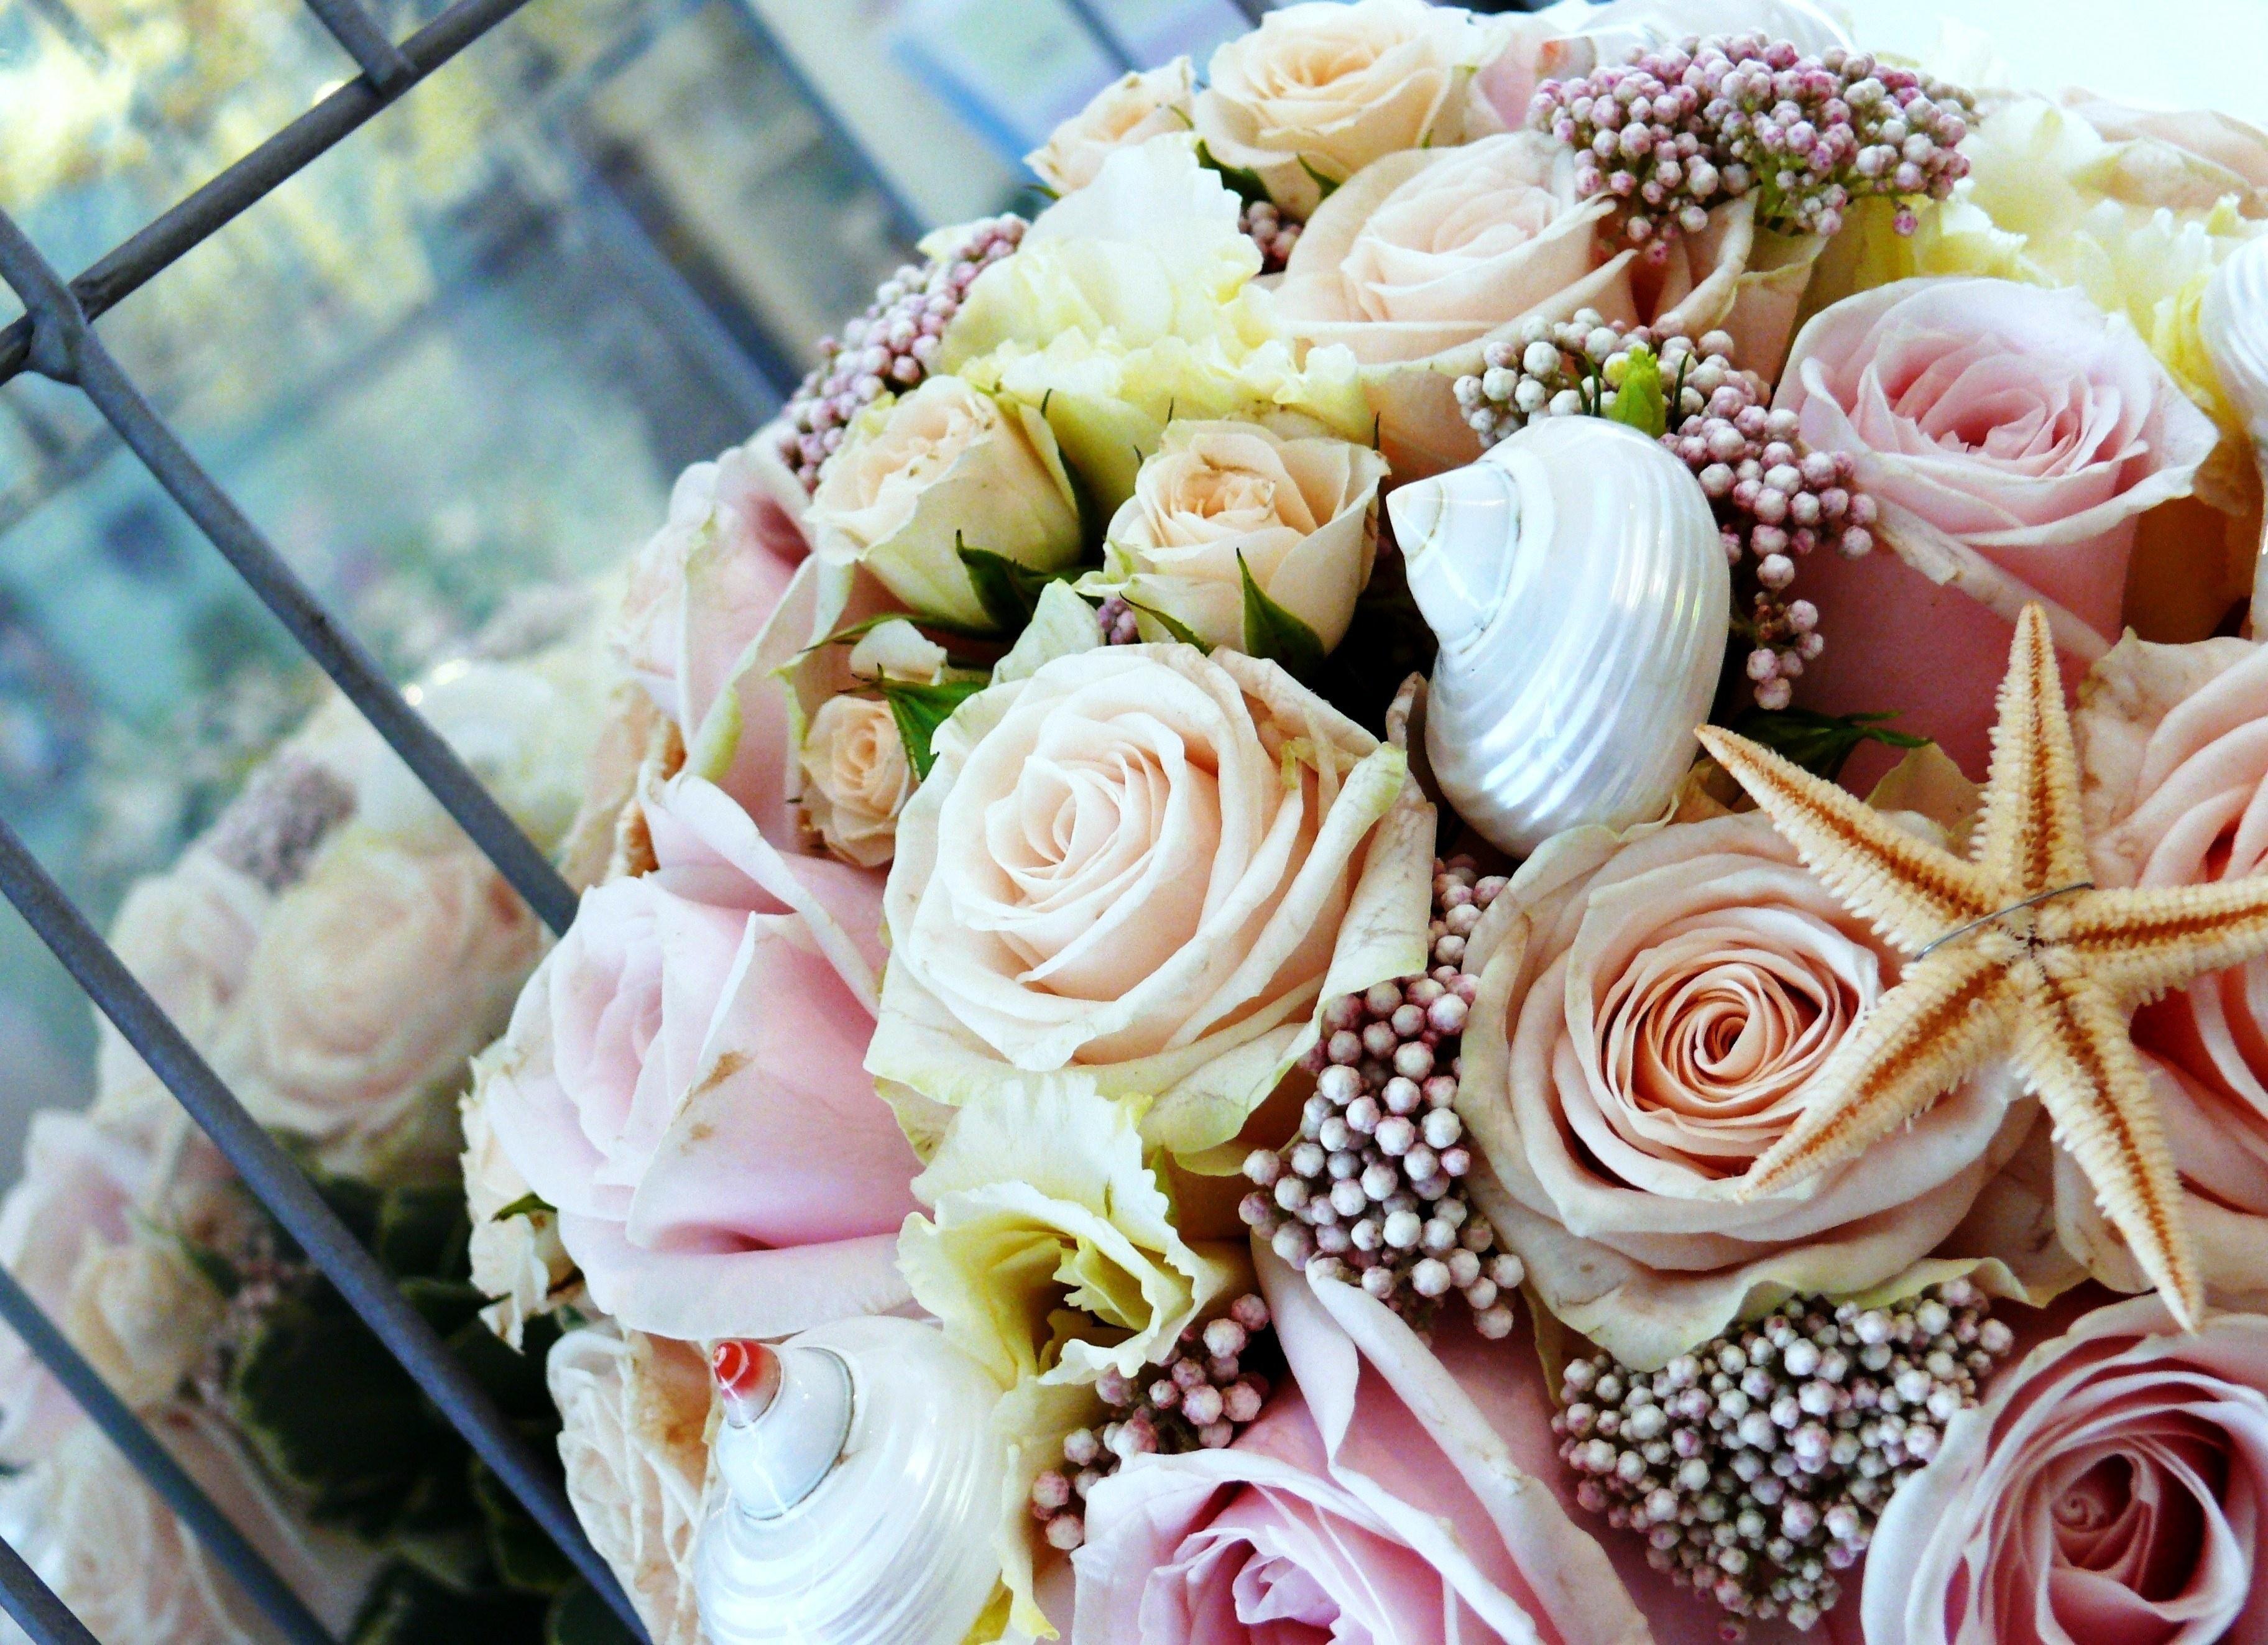 Bouquet Flowers Wallpaper 80885 3648x2646px On Wallls